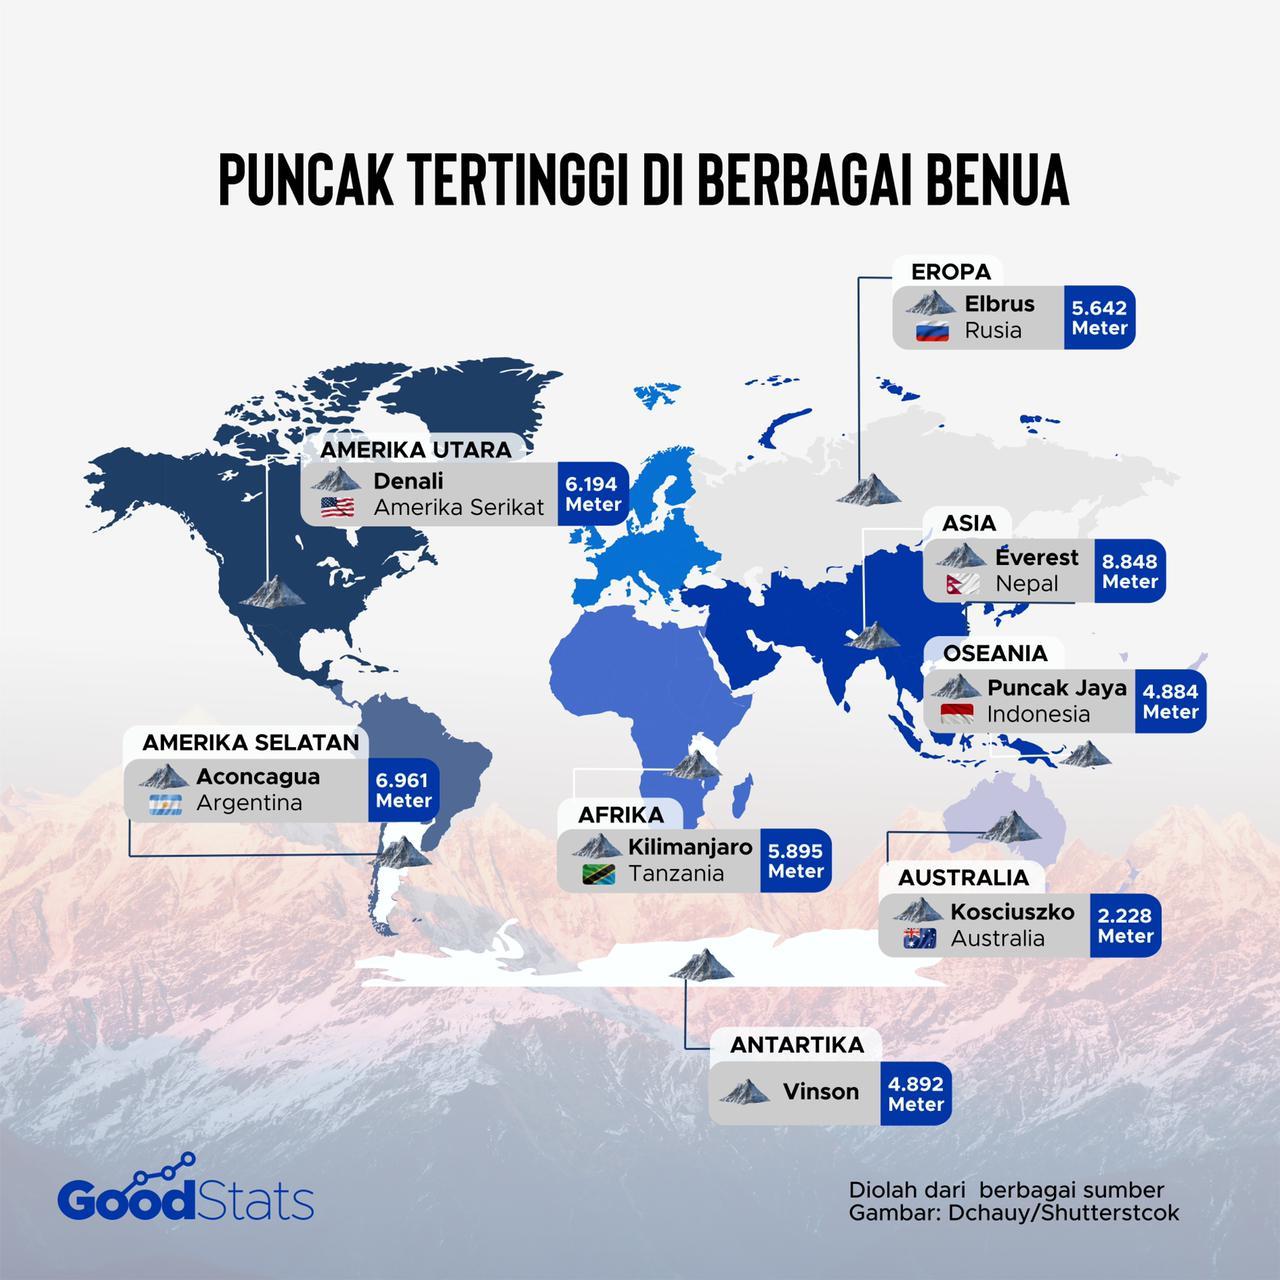 Puncak Tertinggi di Berbagai Benua | Good News From Indonesia